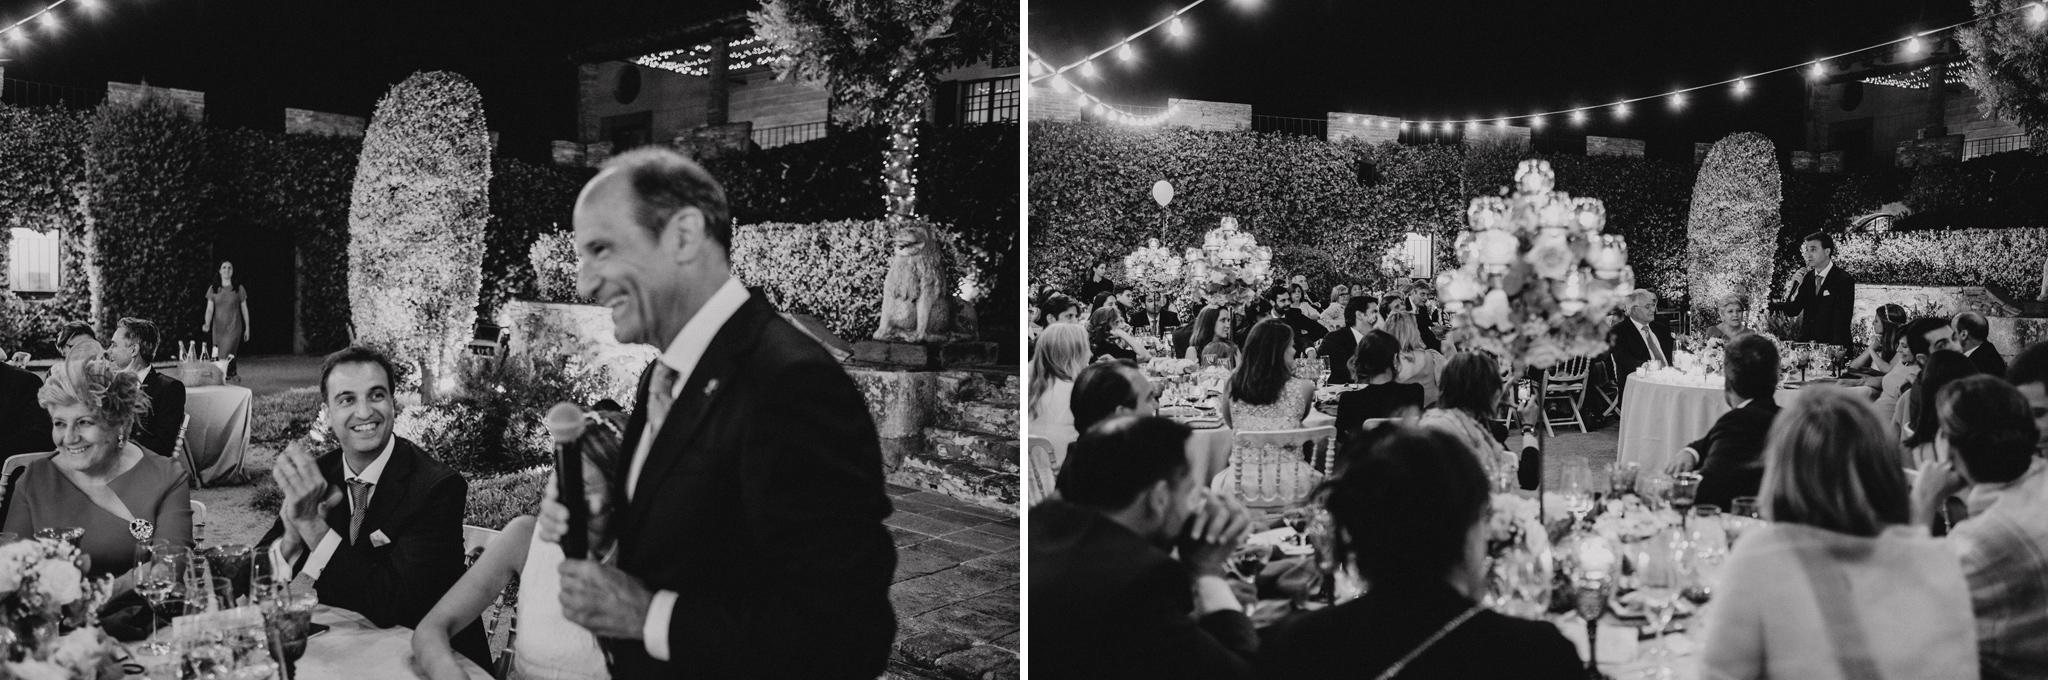 fotografia bodas torre dels lleons0084.jpg